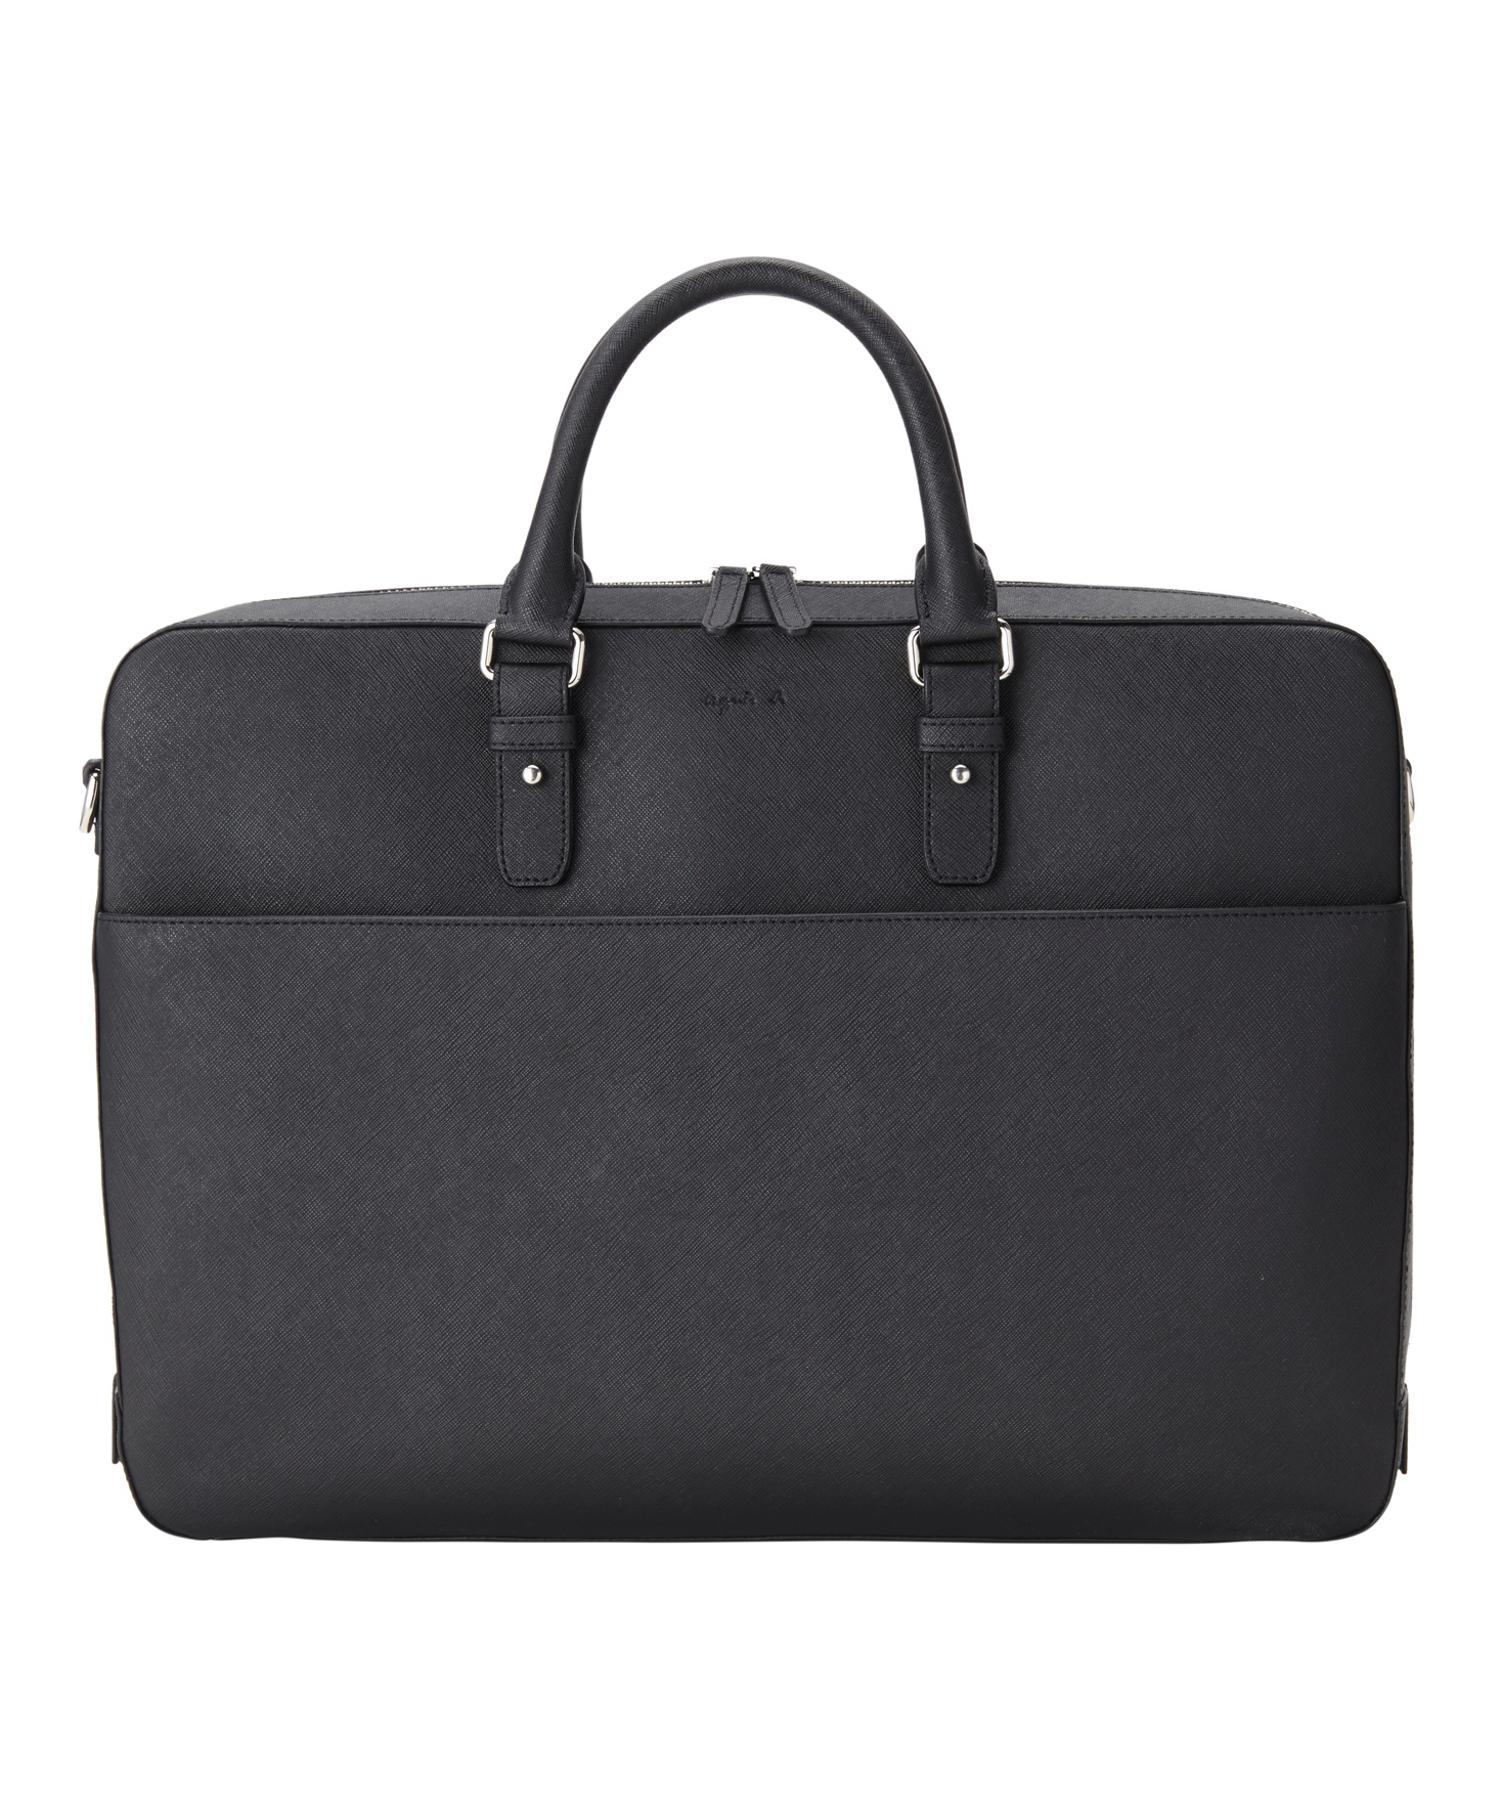 IH06-04 2wayビジネスバッグ